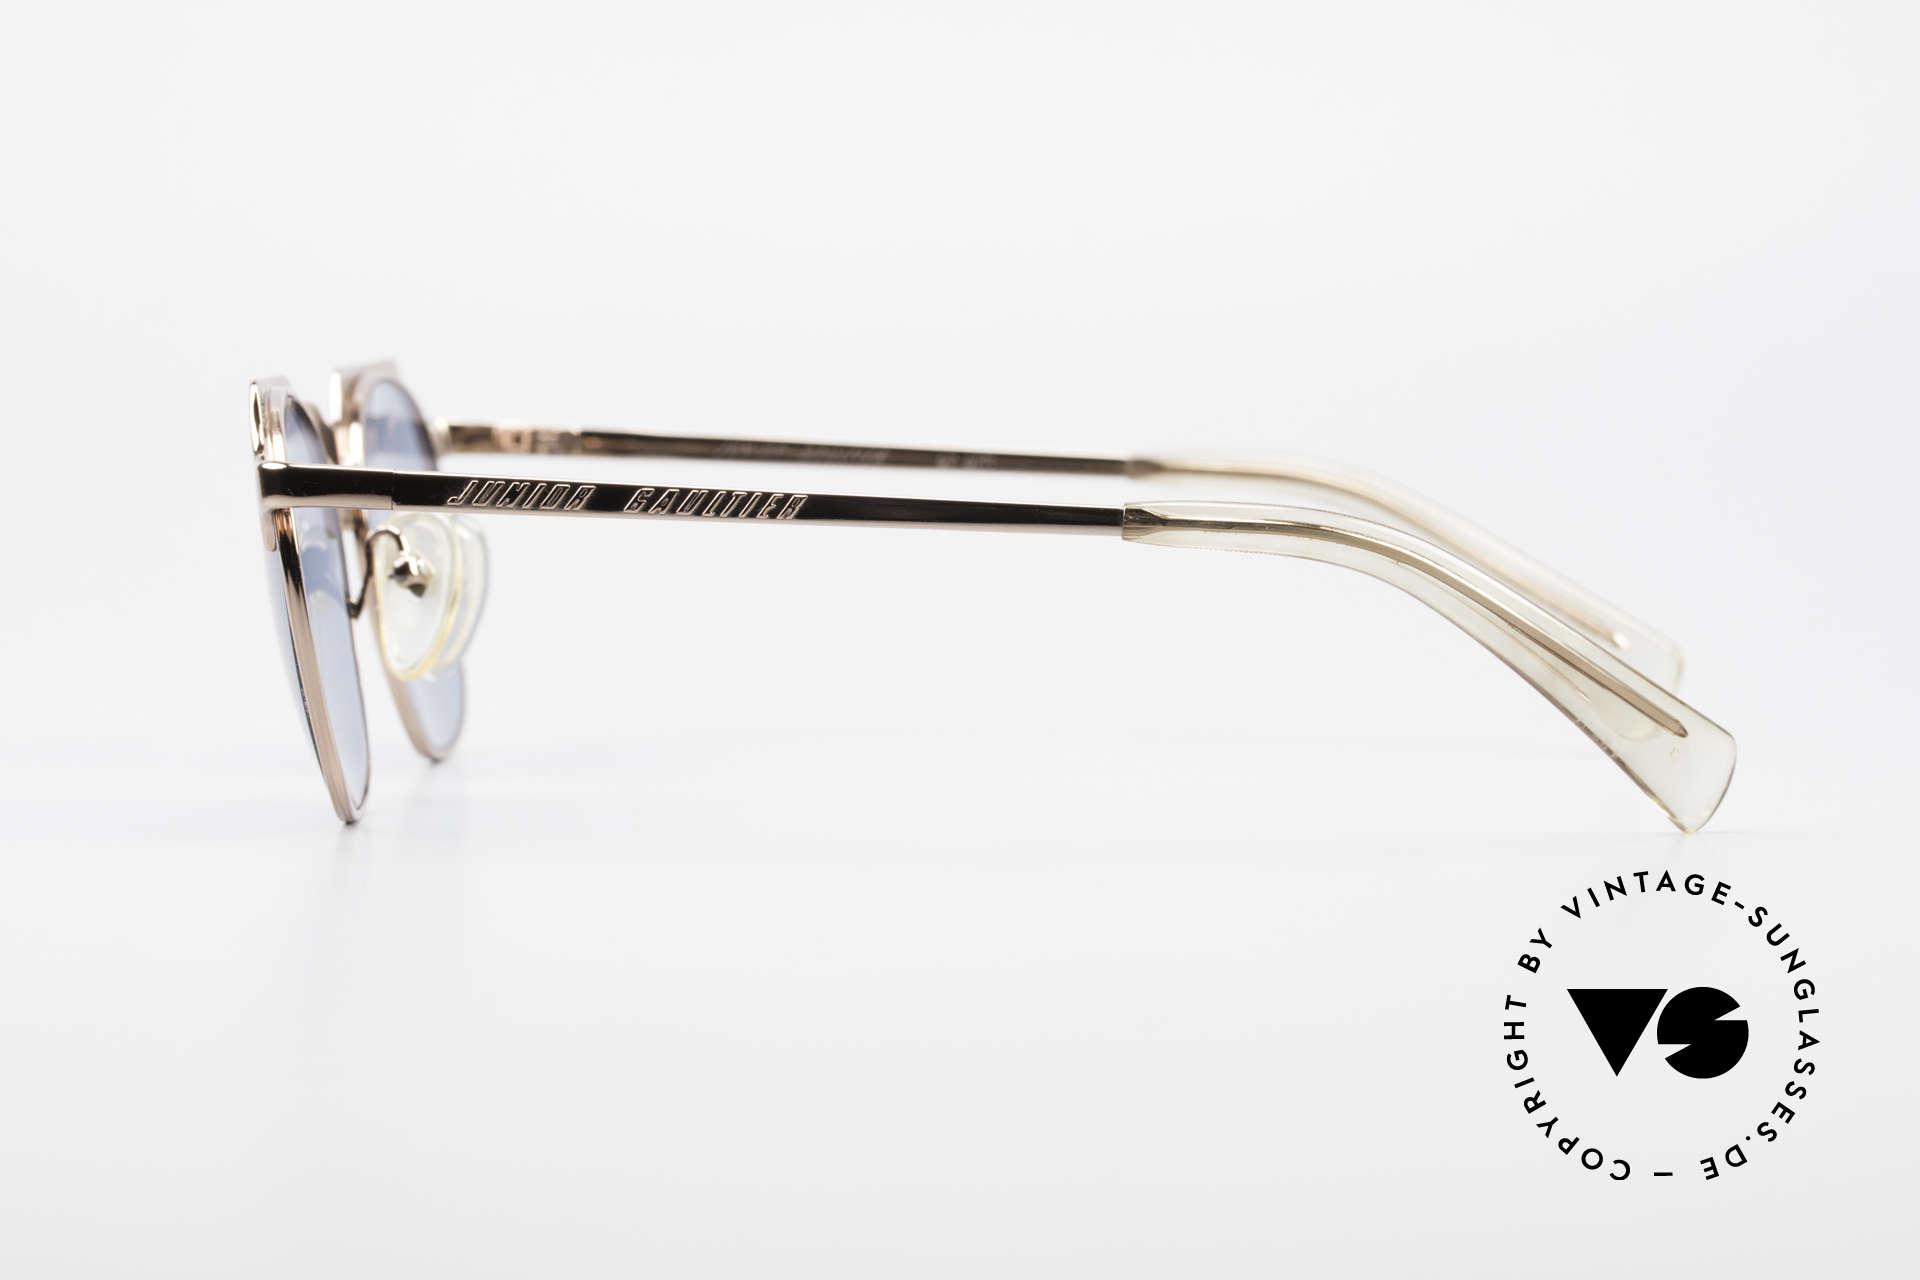 Jean Paul Gaultier 57-0171 Panto Designer Sonnenbrille, zudem einzigartige Lackierung in bronze-metallic, Passend für Herren und Damen